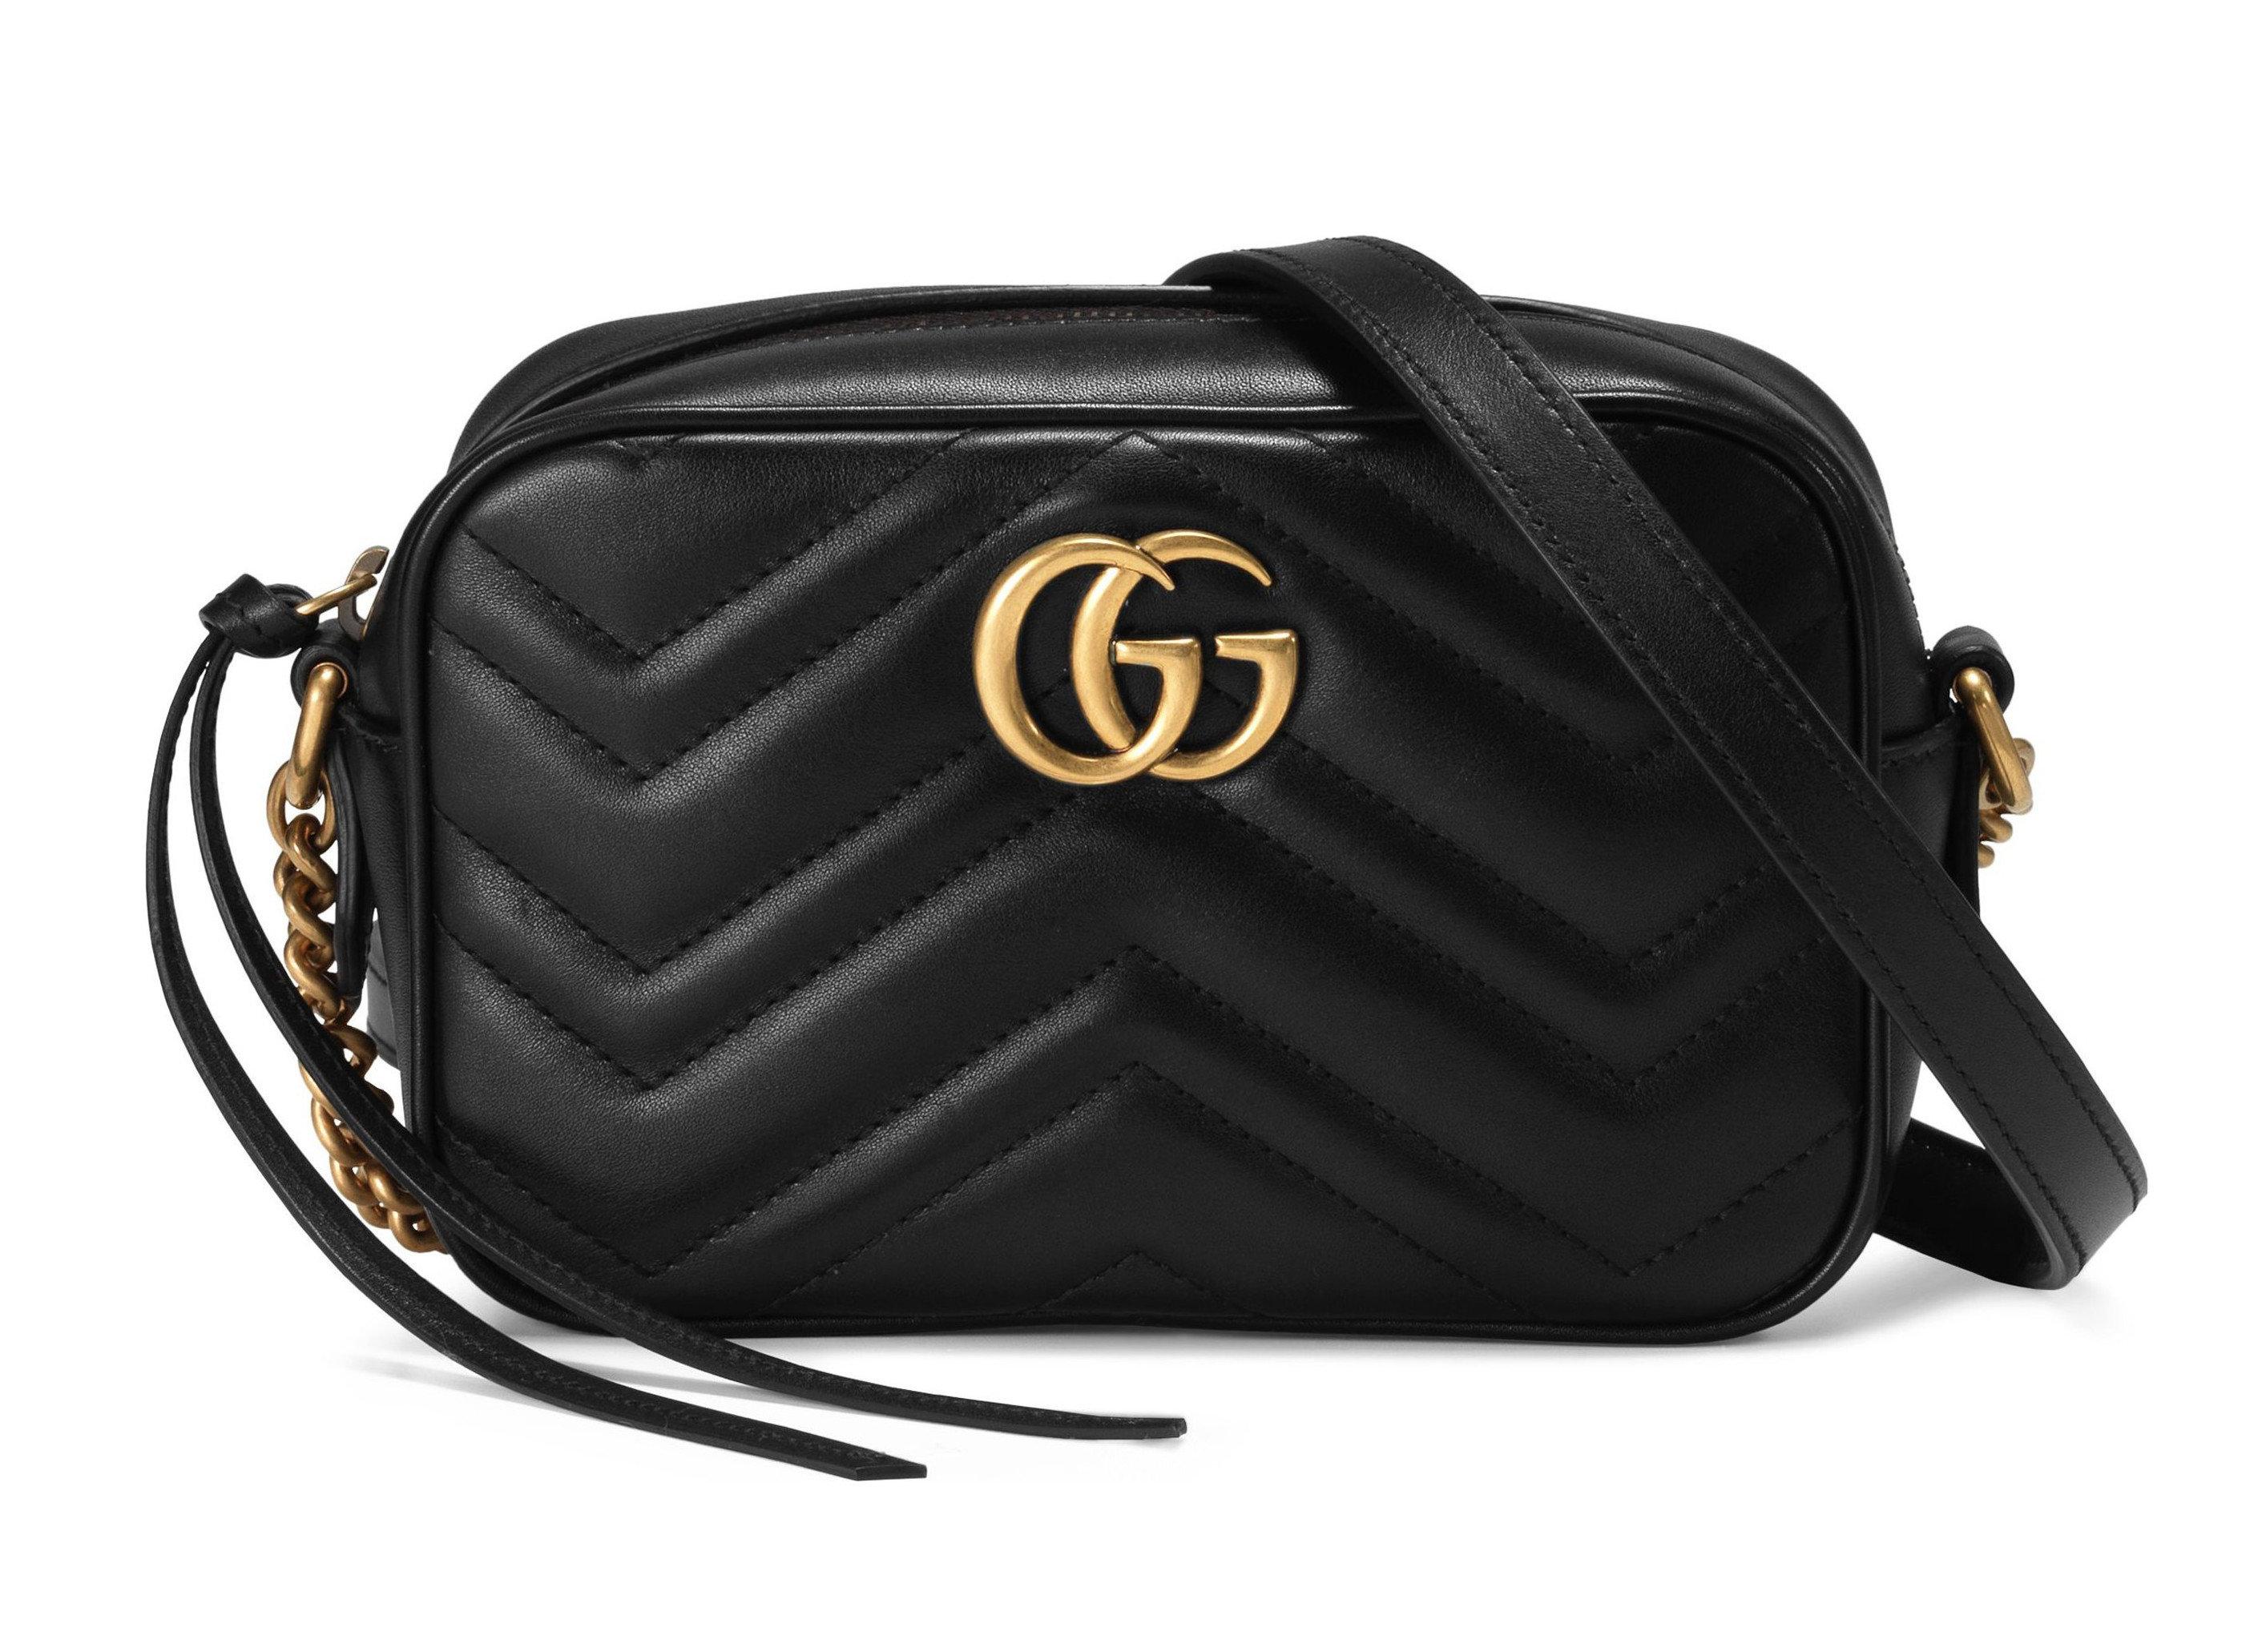 Style + Design Travel Shop bag black fashion accessory product handbag shoulder bag product design brand font messenger bag accessory